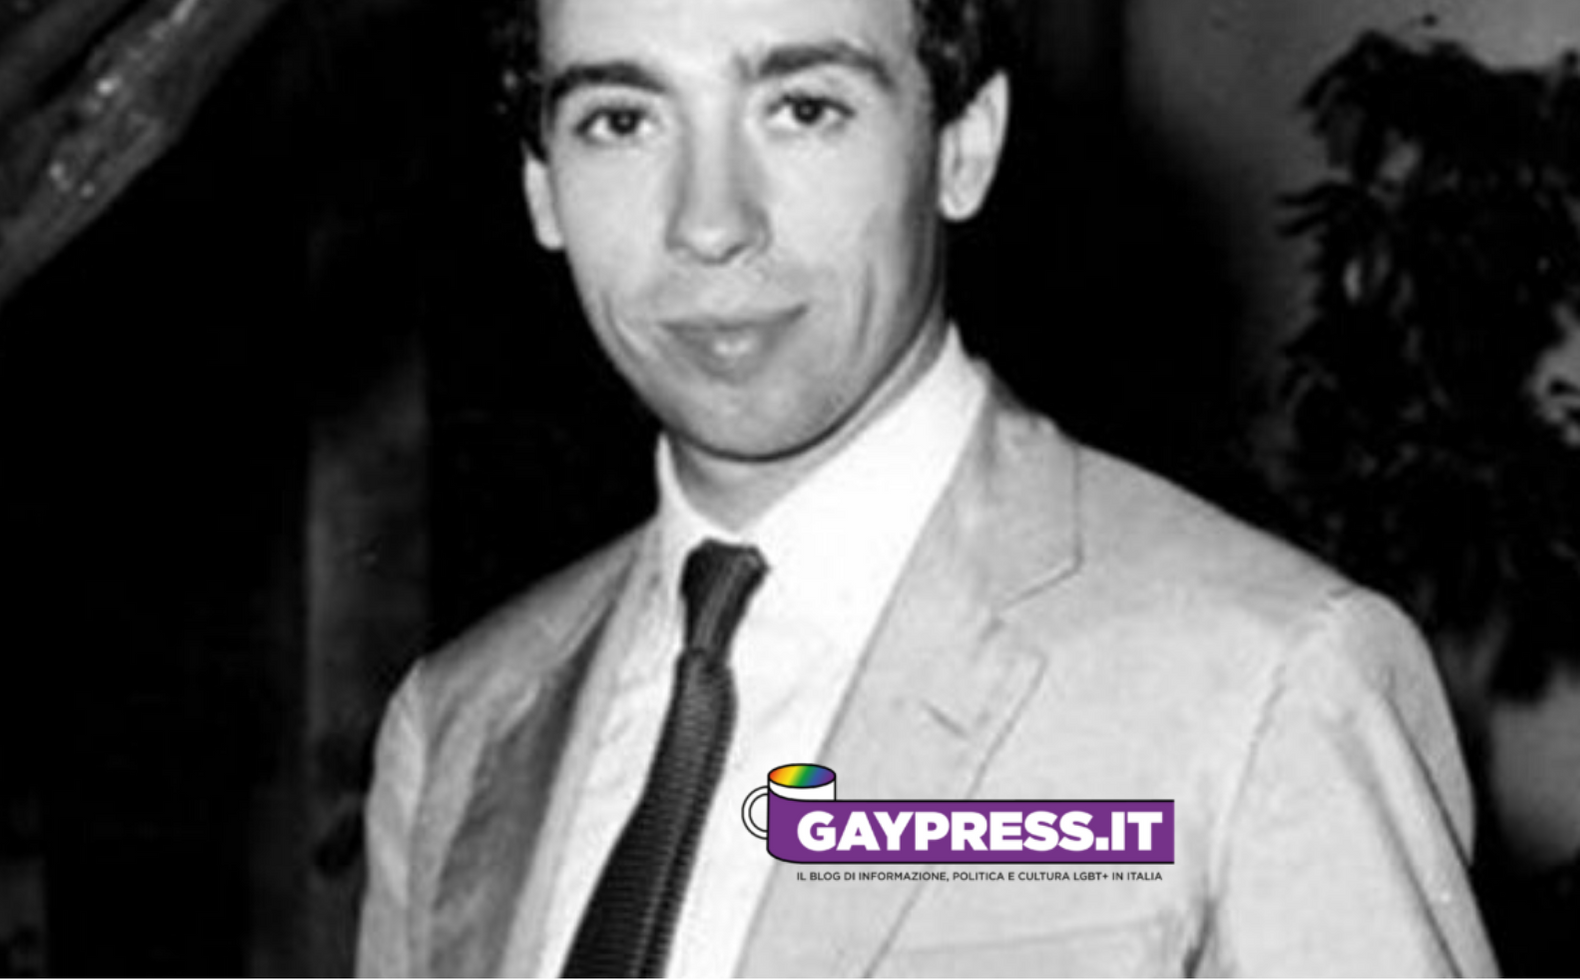 Festival di Sanremo 2020 e il ricordo di Umberto Bindi con GayPress.it